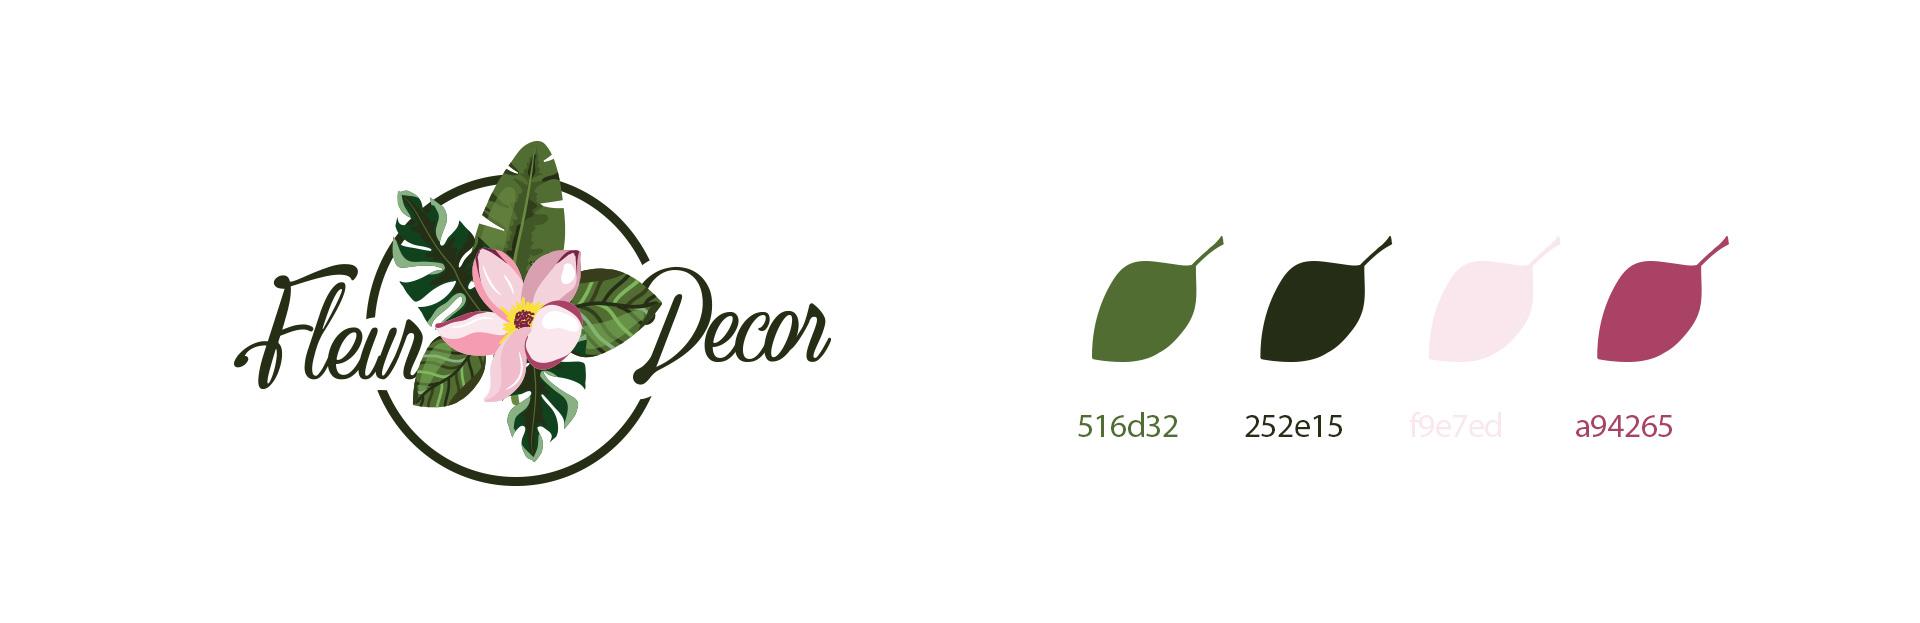 Разработка бренд стиля для студии декора - фирменный стиль